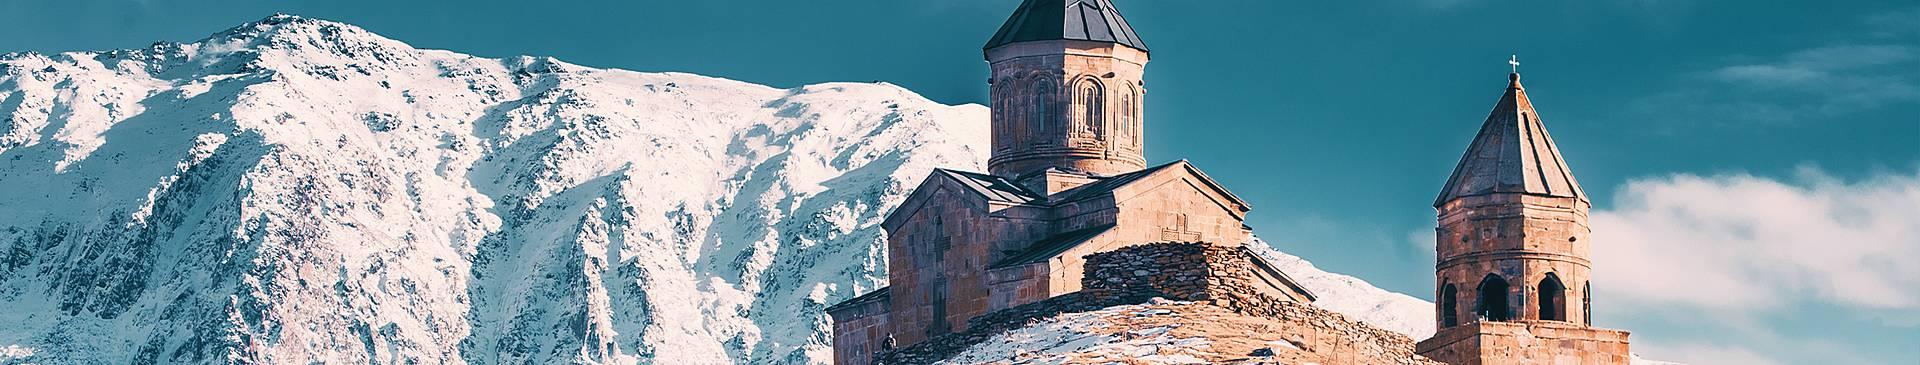 Viaggi in Georgia in inverno